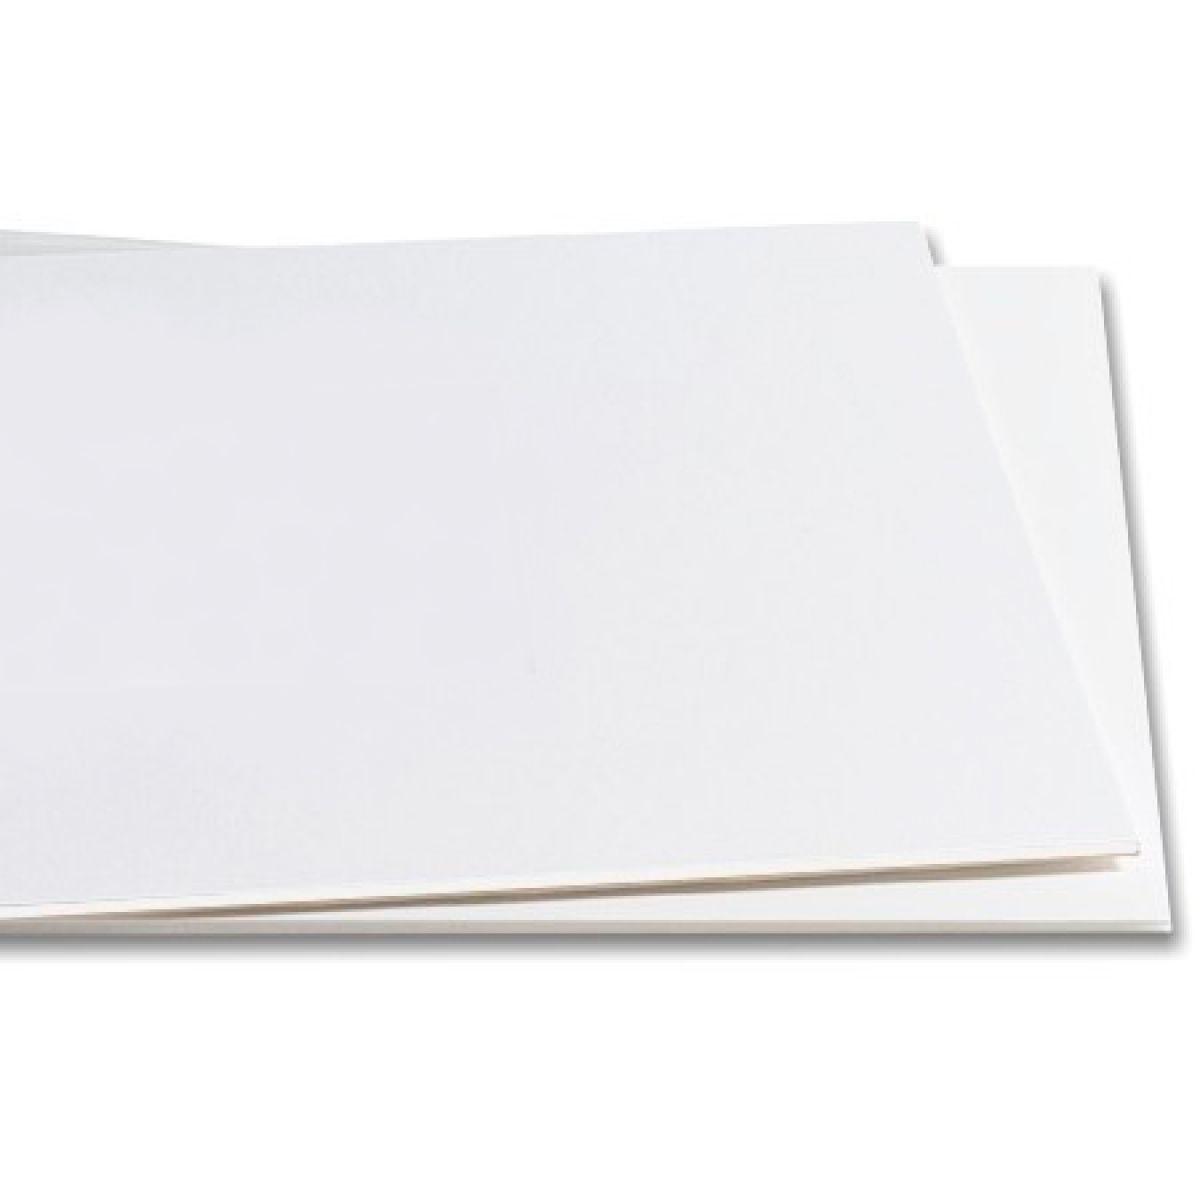 Papel Couche Fosco 115g A3 Embalagem Com 050 Folhas Phandora